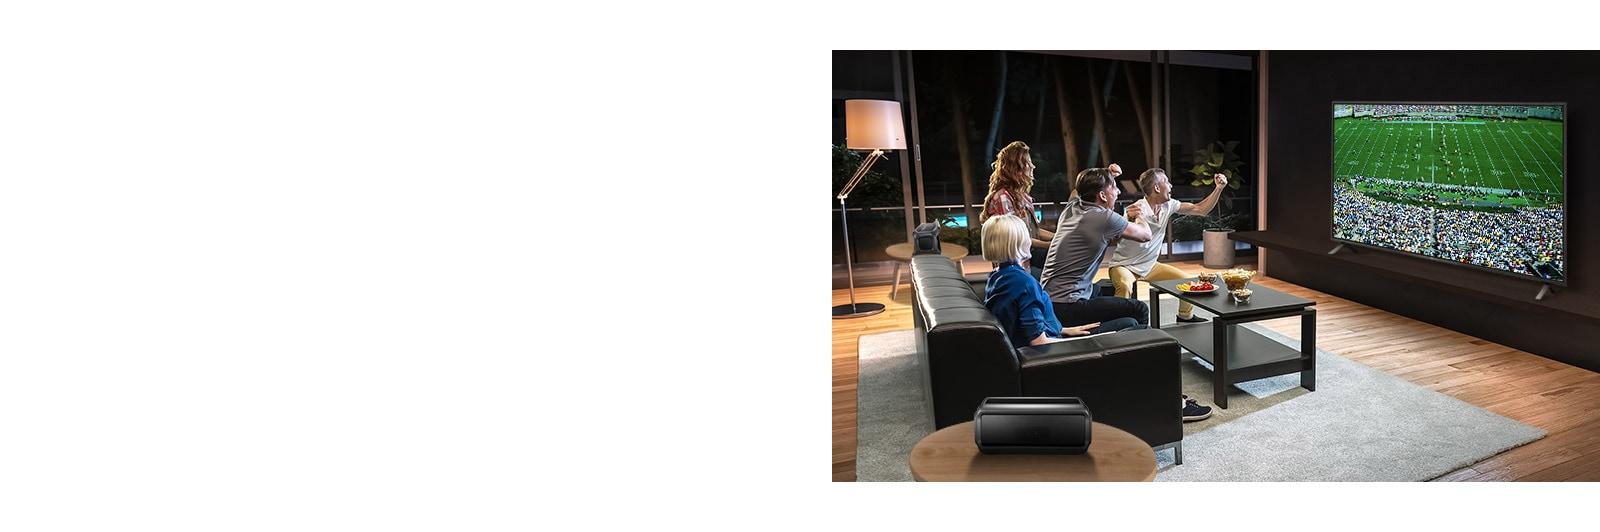 Gente mirando un juego deportivo en el televisor del salón con unos altavoces Bluetooth traseros.